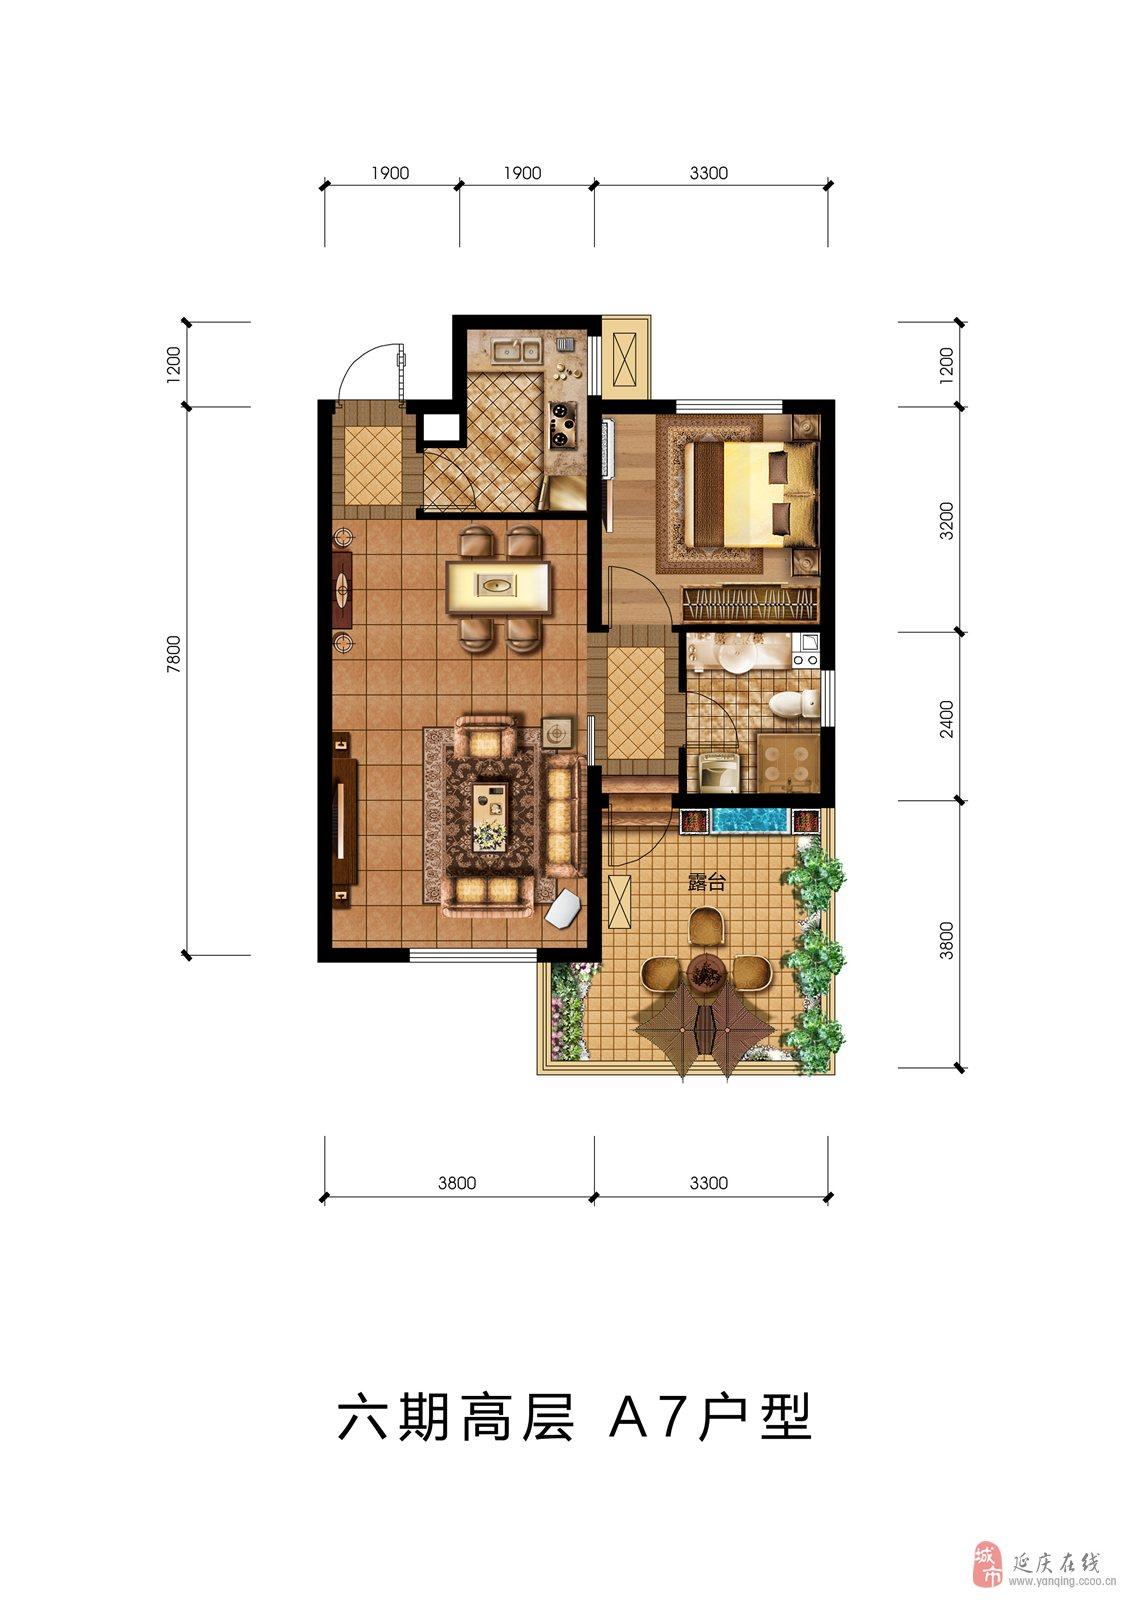 设计图分享 中式房屋设计图片素材 > 欧洲房屋设计图  欧洲房屋设计图